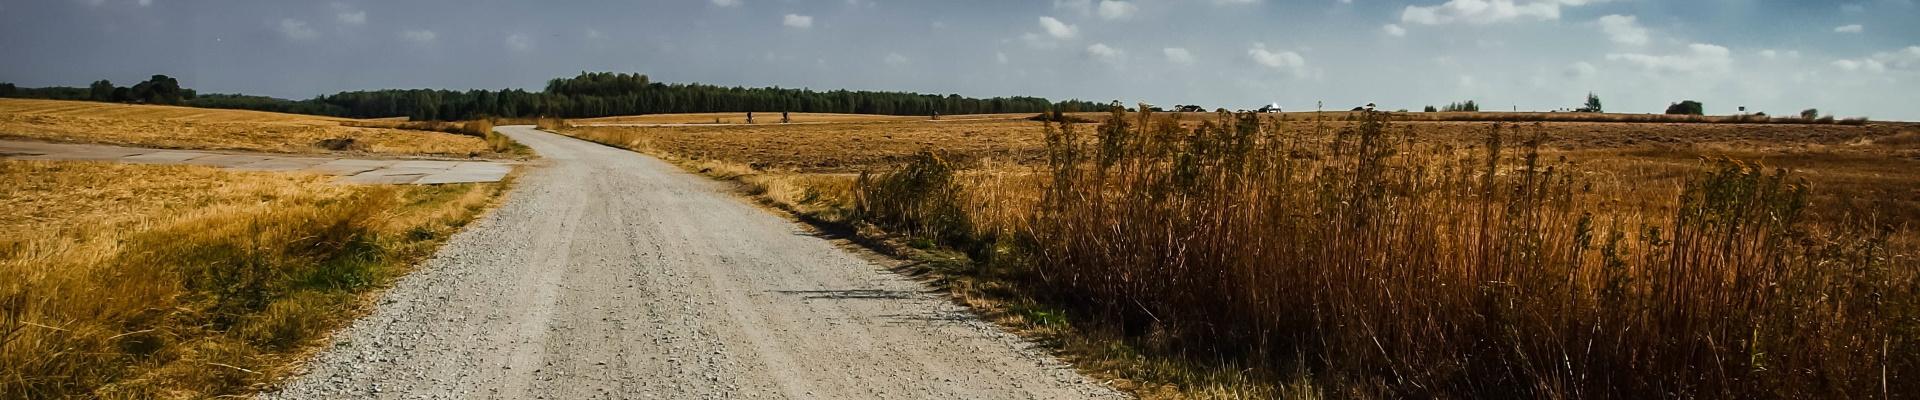 Gravel Roads Gravel Roads